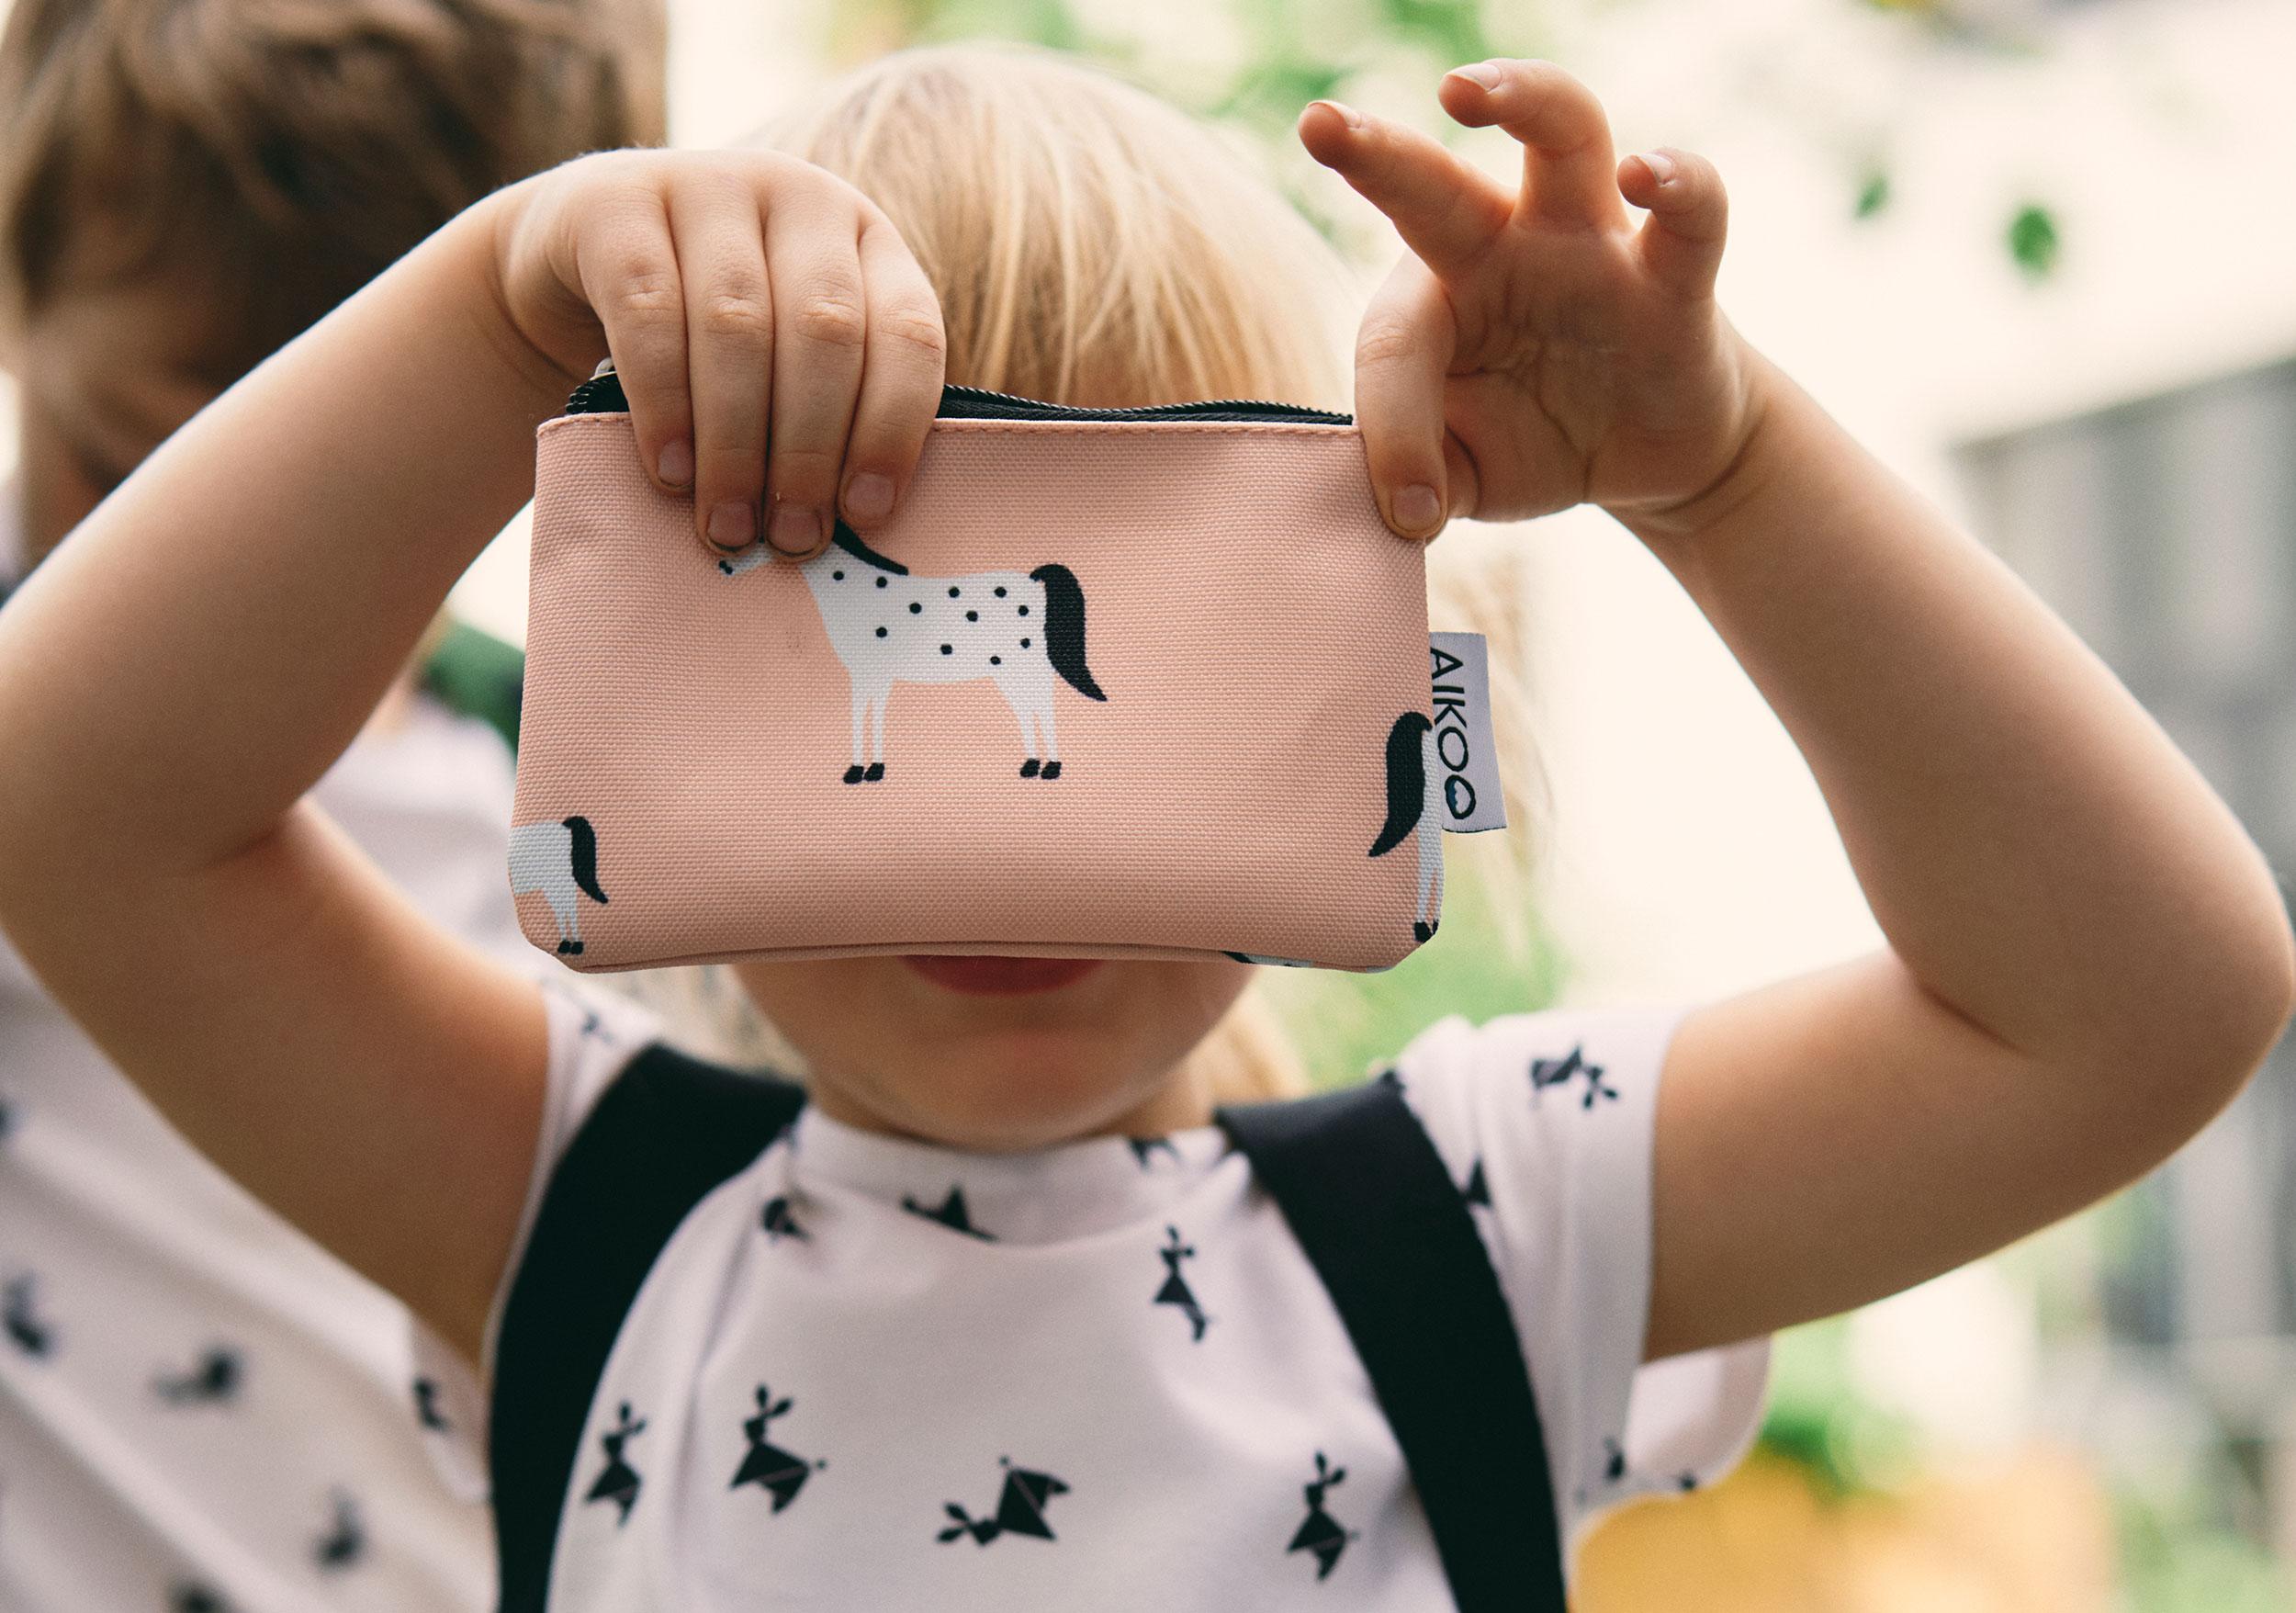 Aikoo girl pink bag